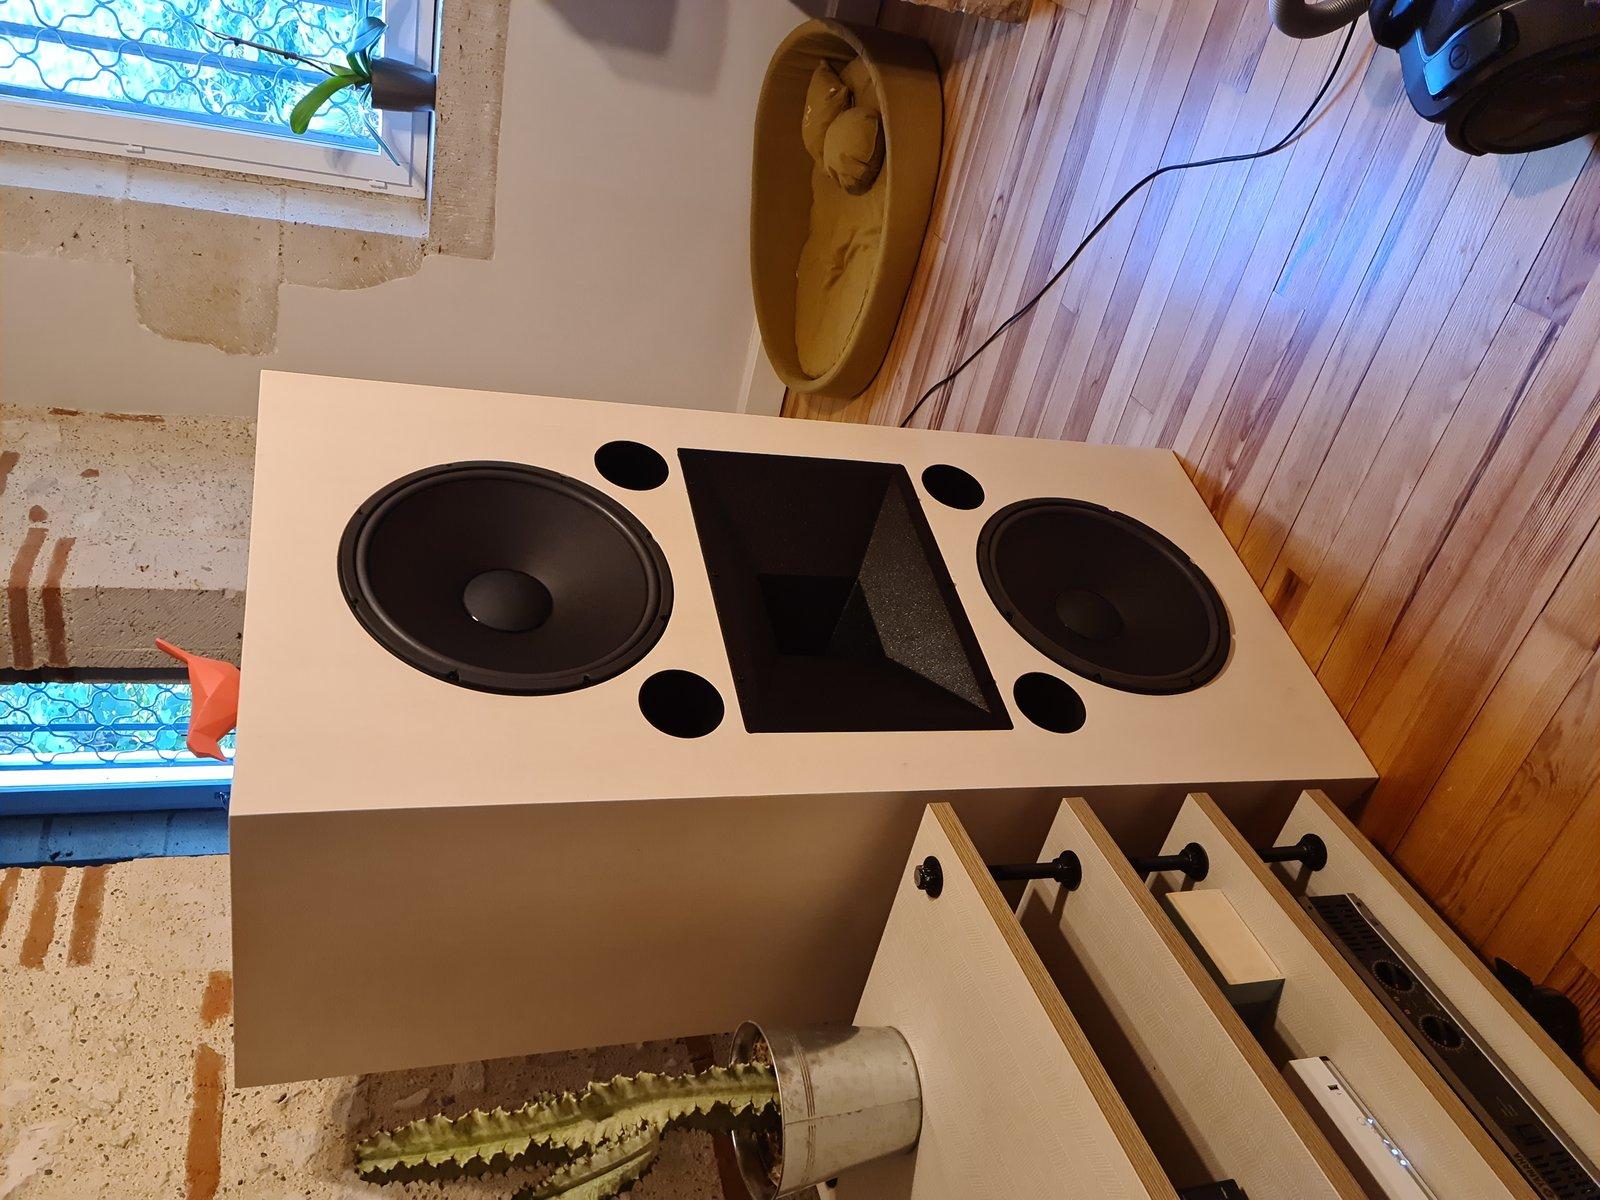 Projet DIY - Double 38 - Compression 2 pouces - l'aboutissement ? - Page 7 200915112359680724